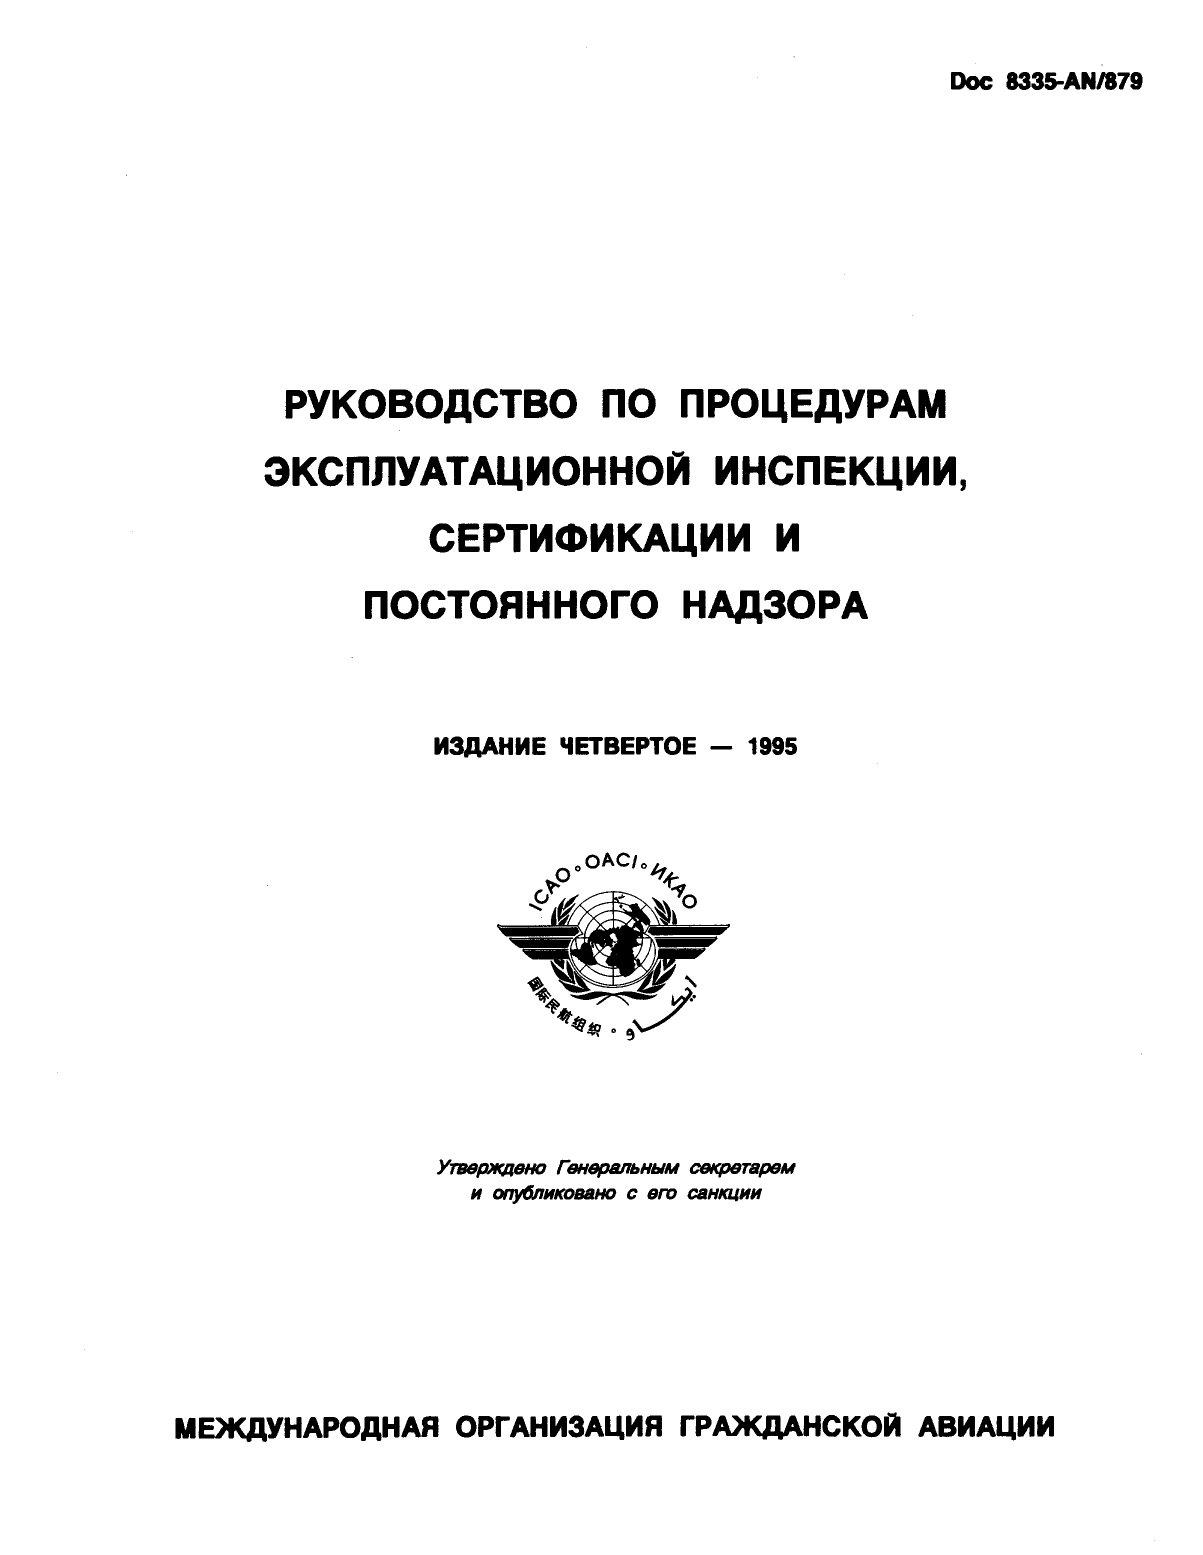 Обложка книги ICAO Doc 8335 Руководство по процедурам эксплуатационной инспекции, сертификации и постоянного надзора. (ИКАО)